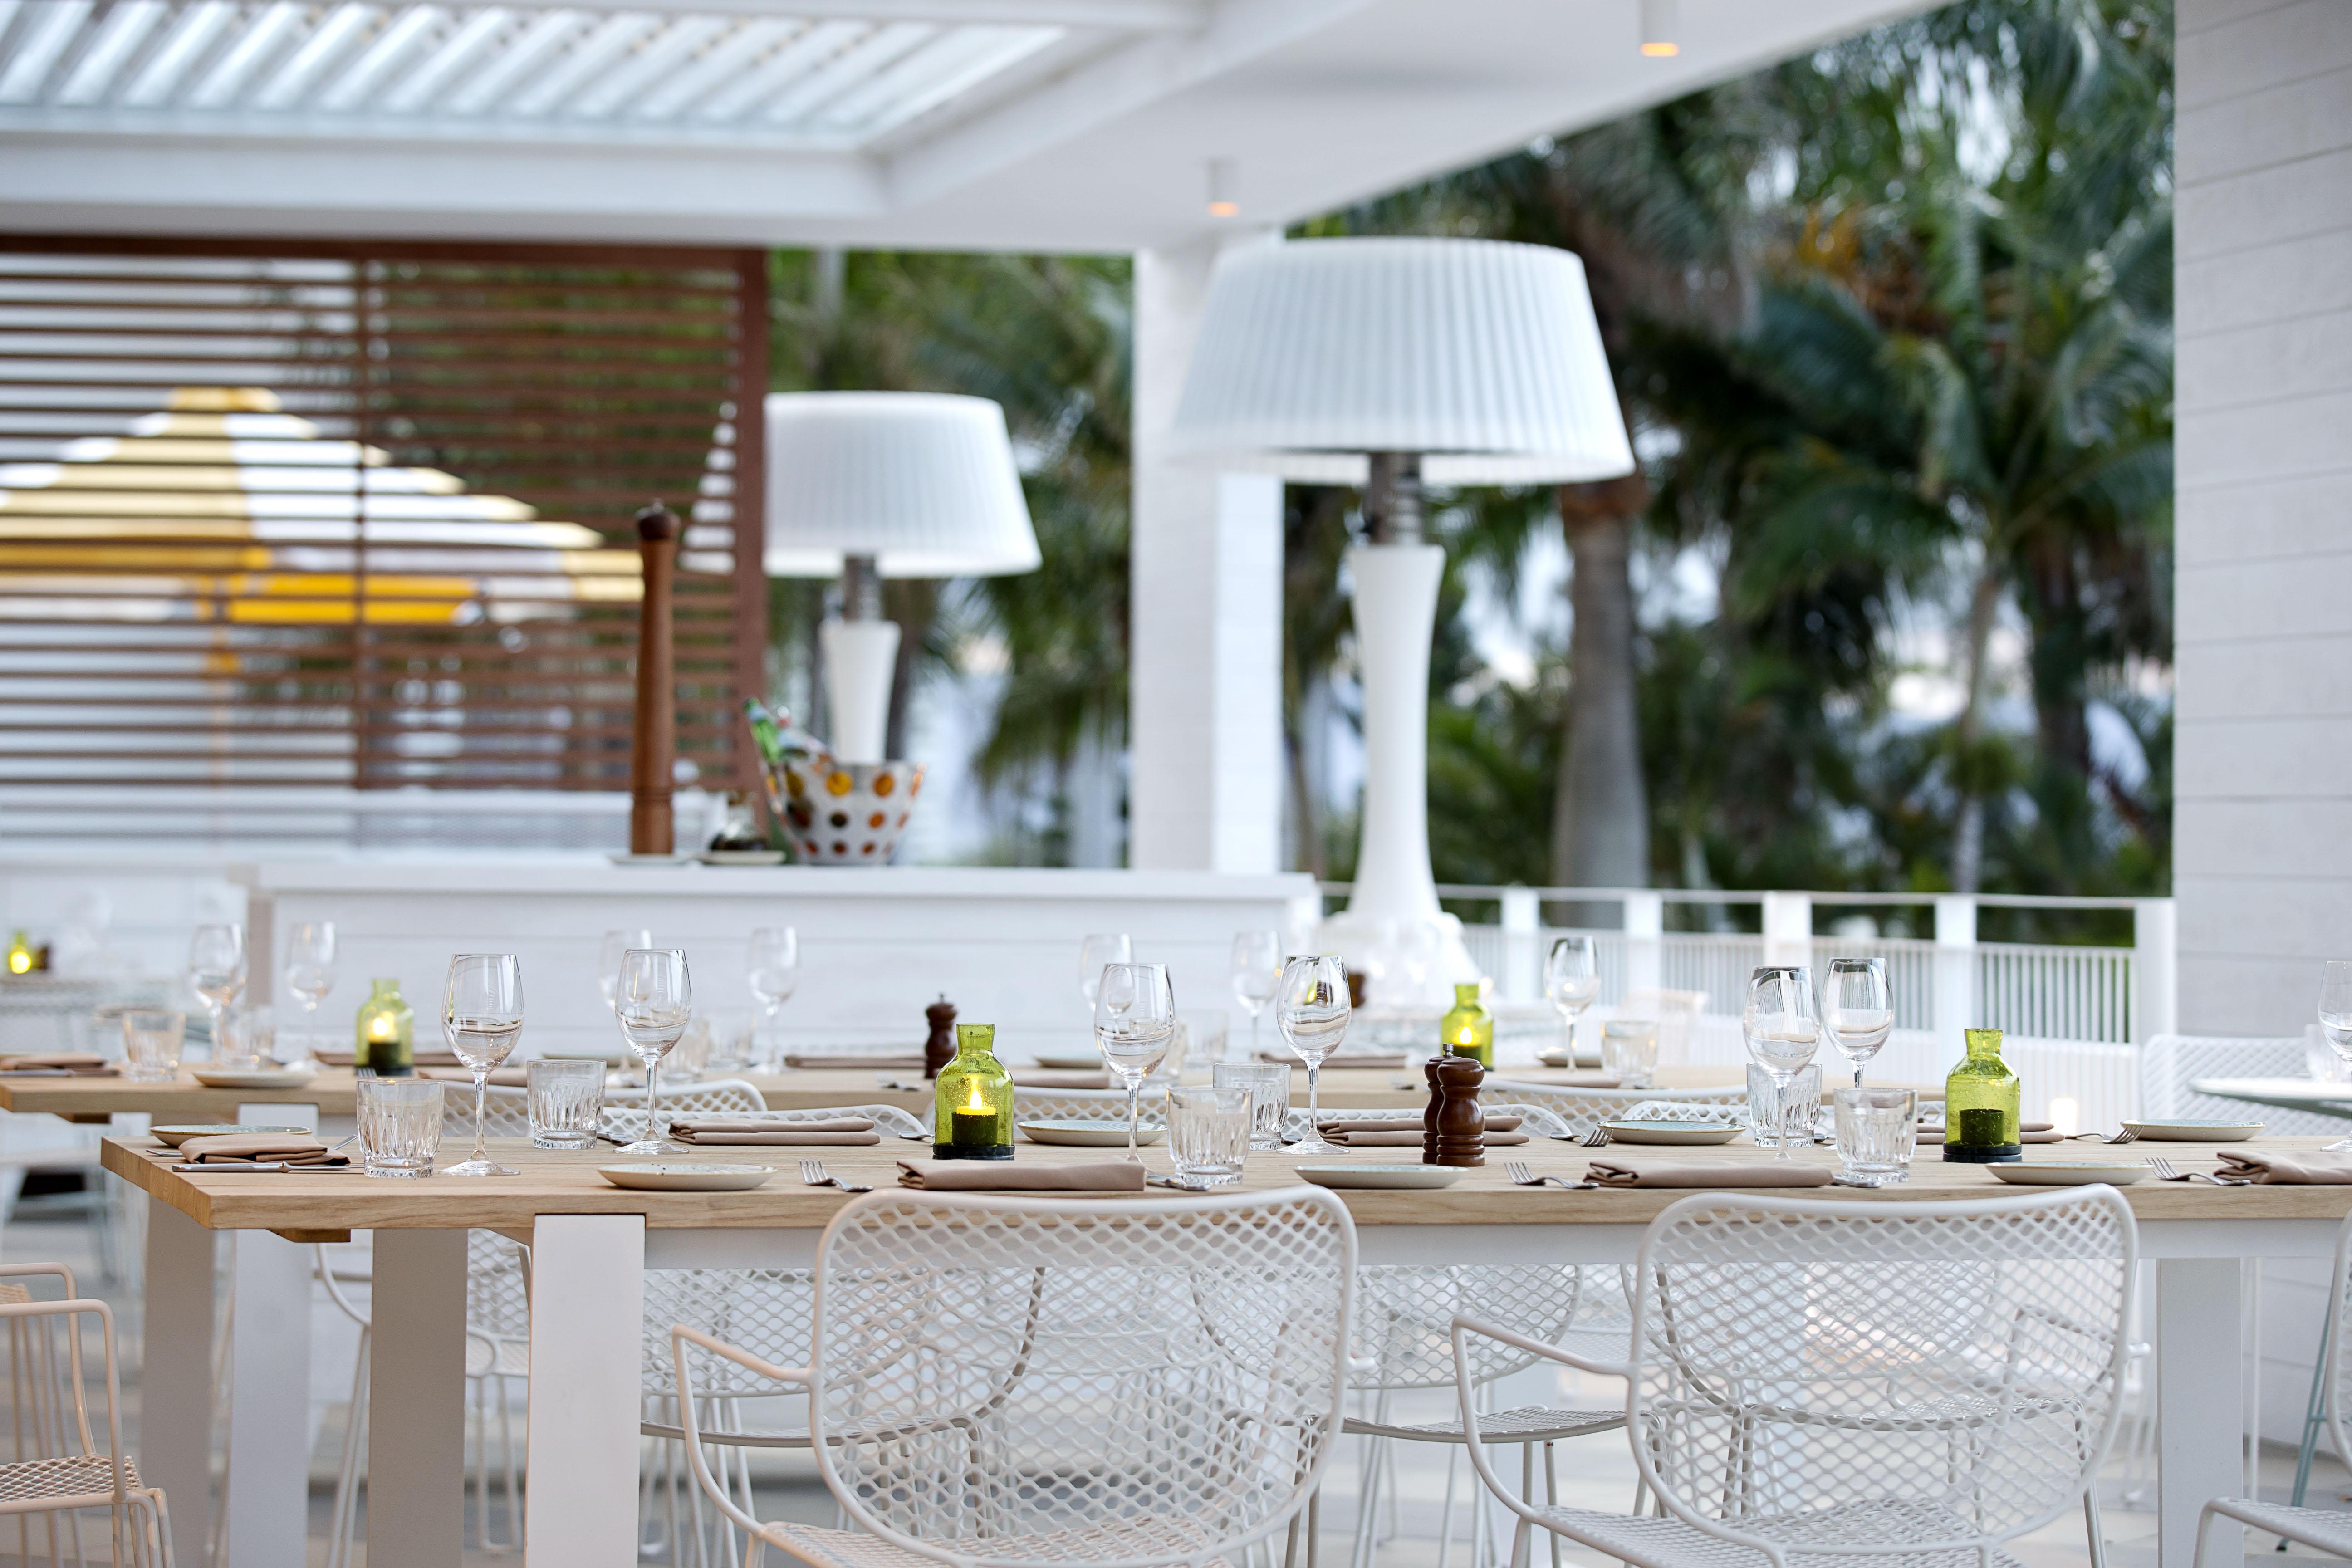 Cucina Vivo Gold Coast